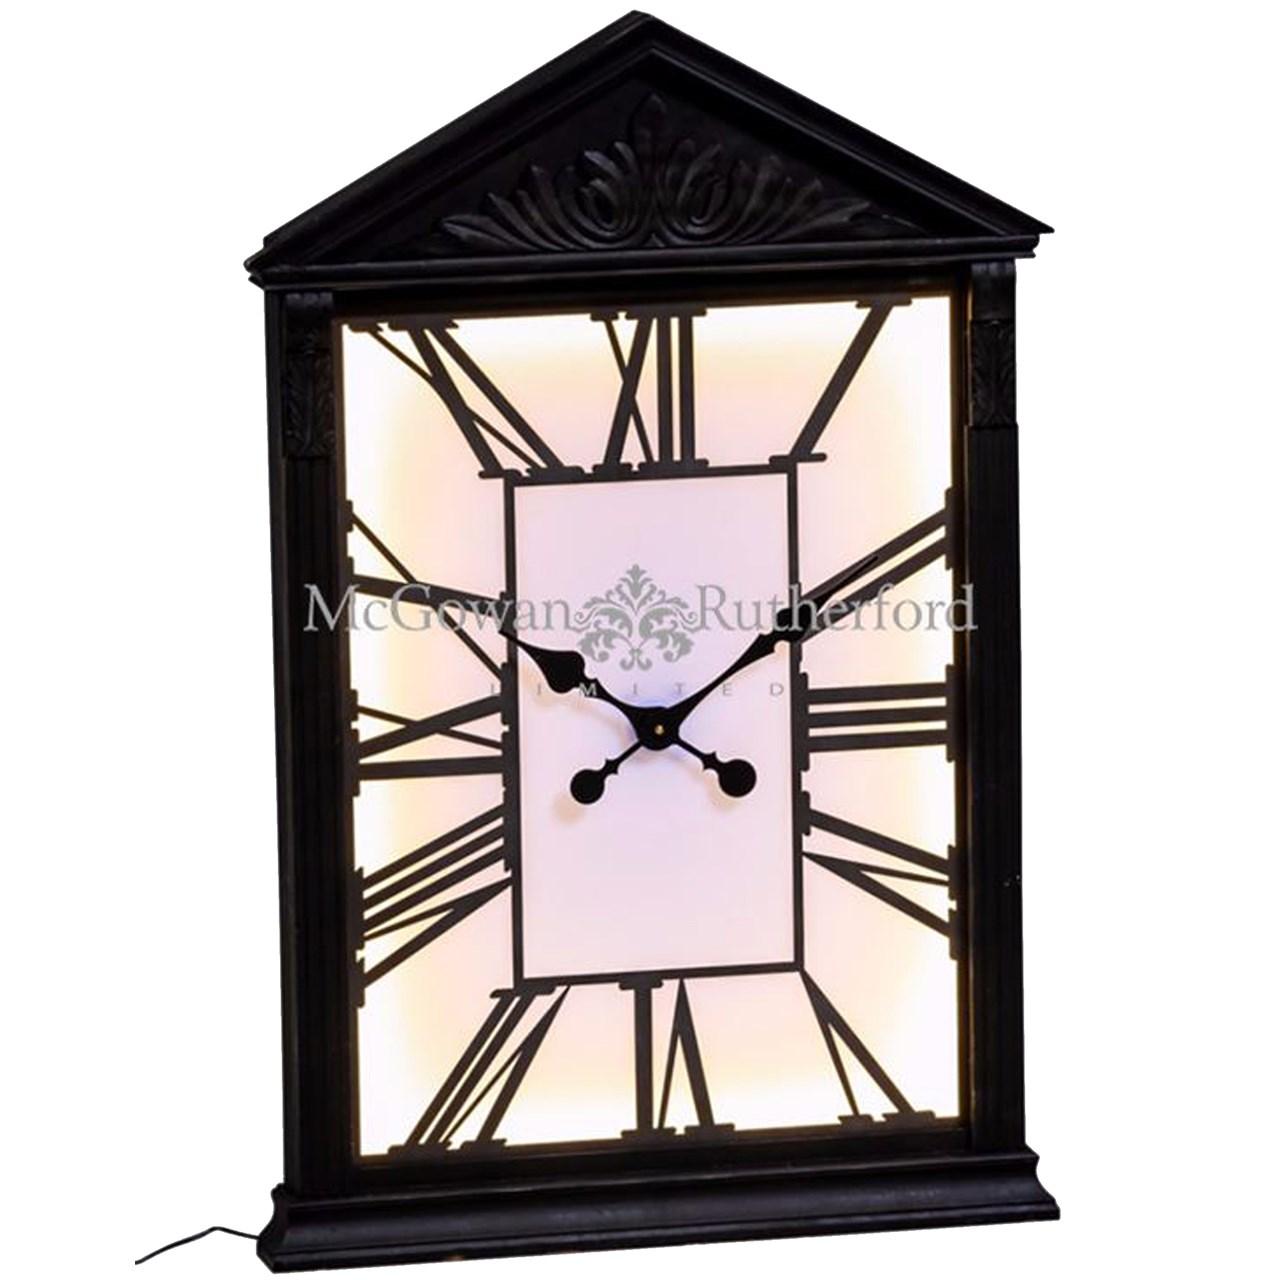 ساعت دیواری مک گوان رادرفورد مدل Wooden Framed Backlit